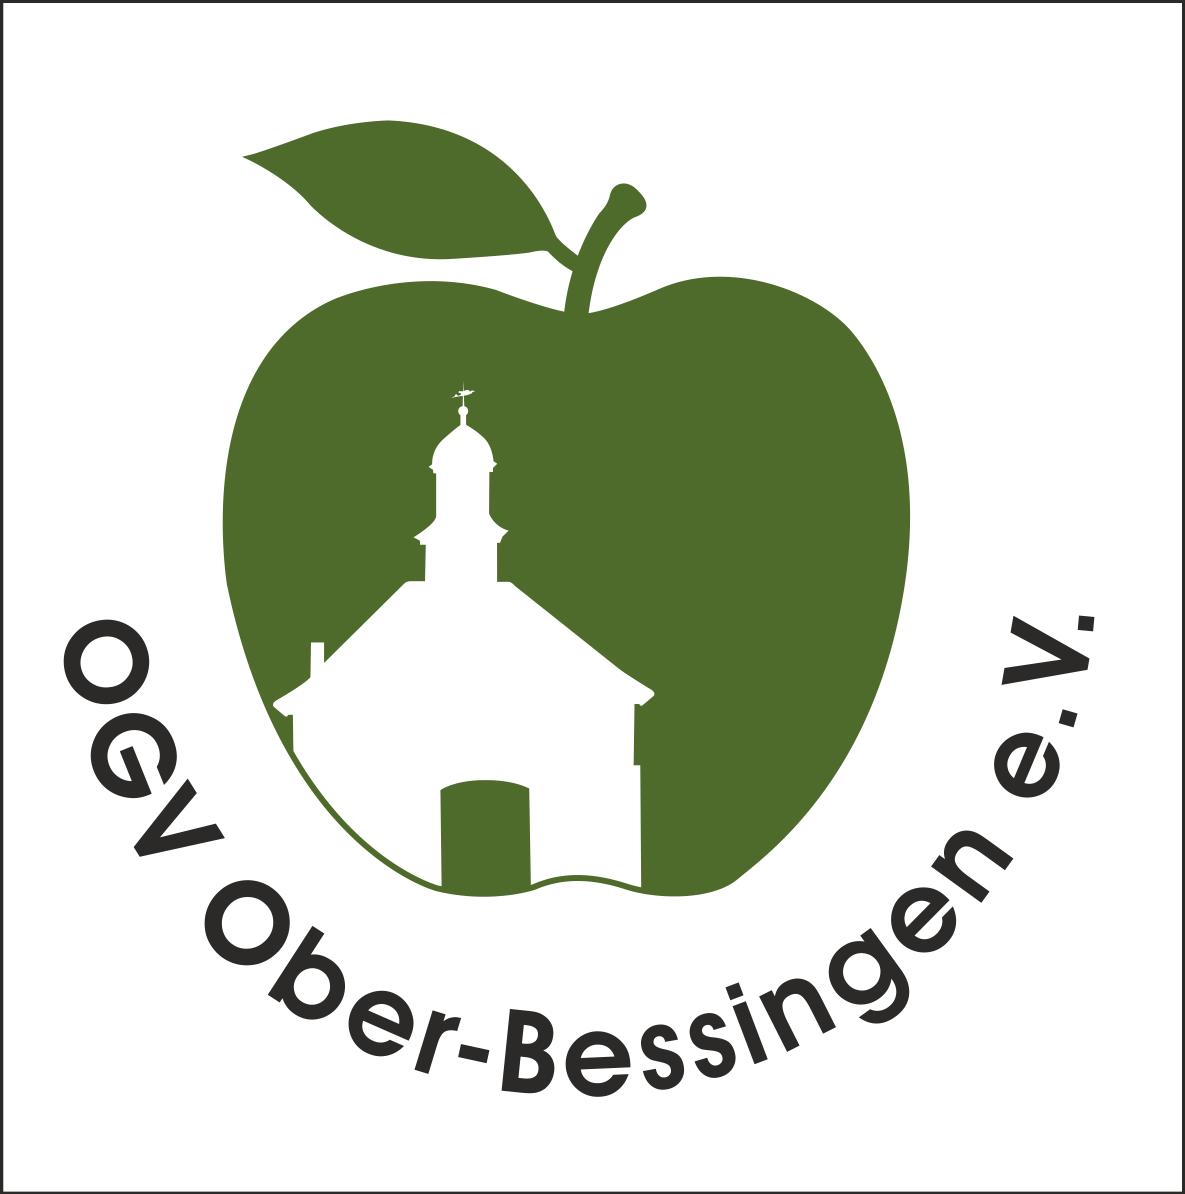 OGV Ober-Bessingen